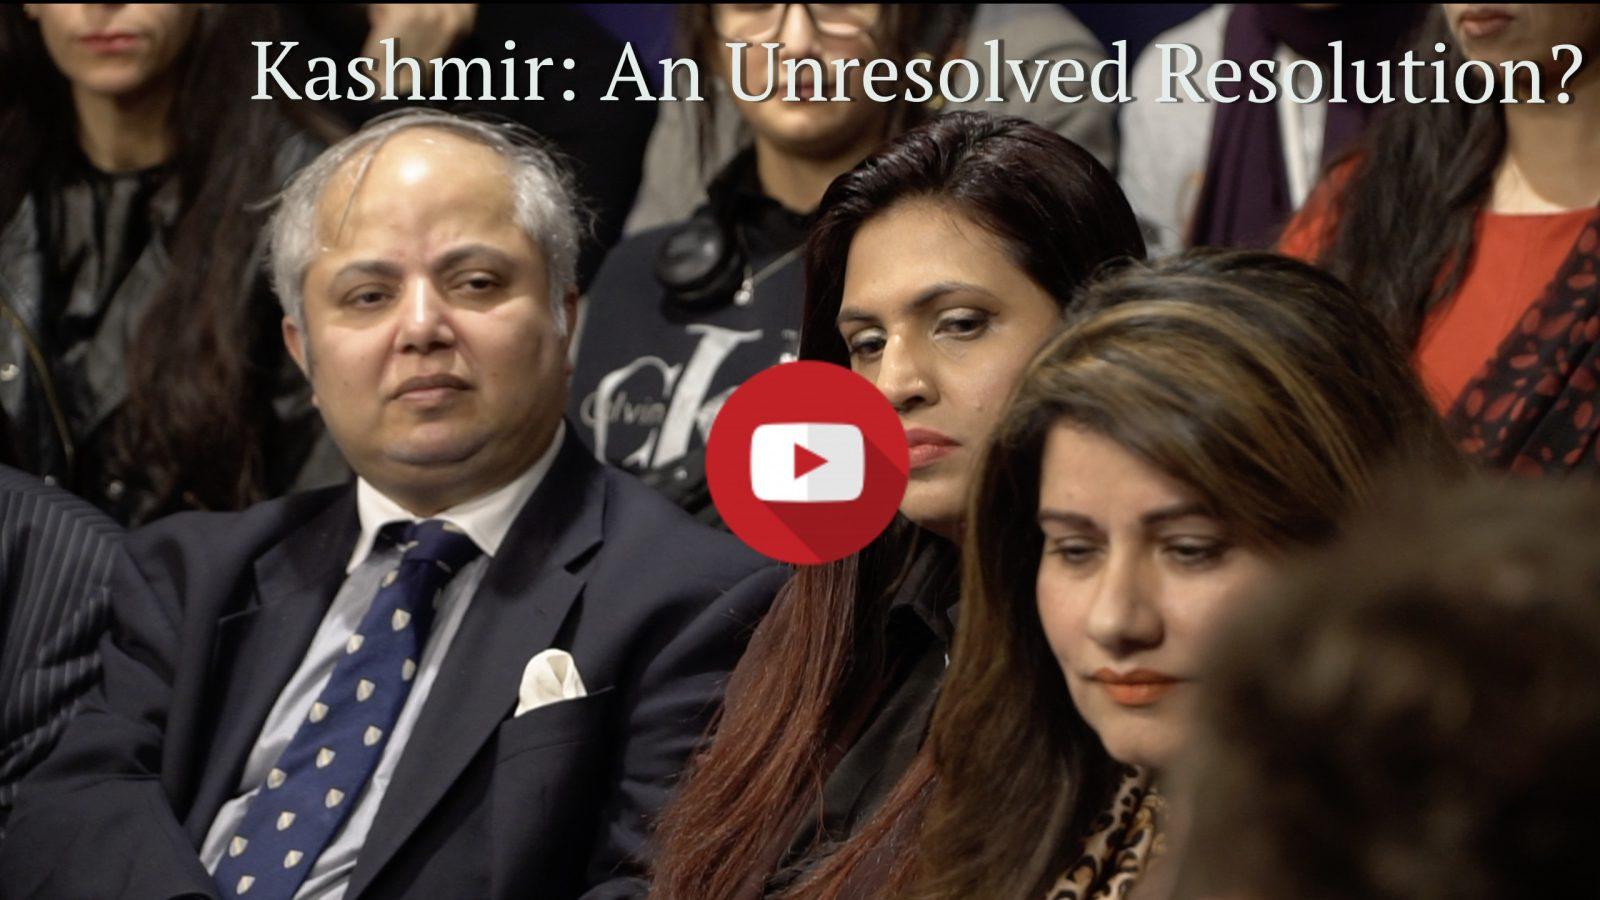 Kashmir YouTube image on website